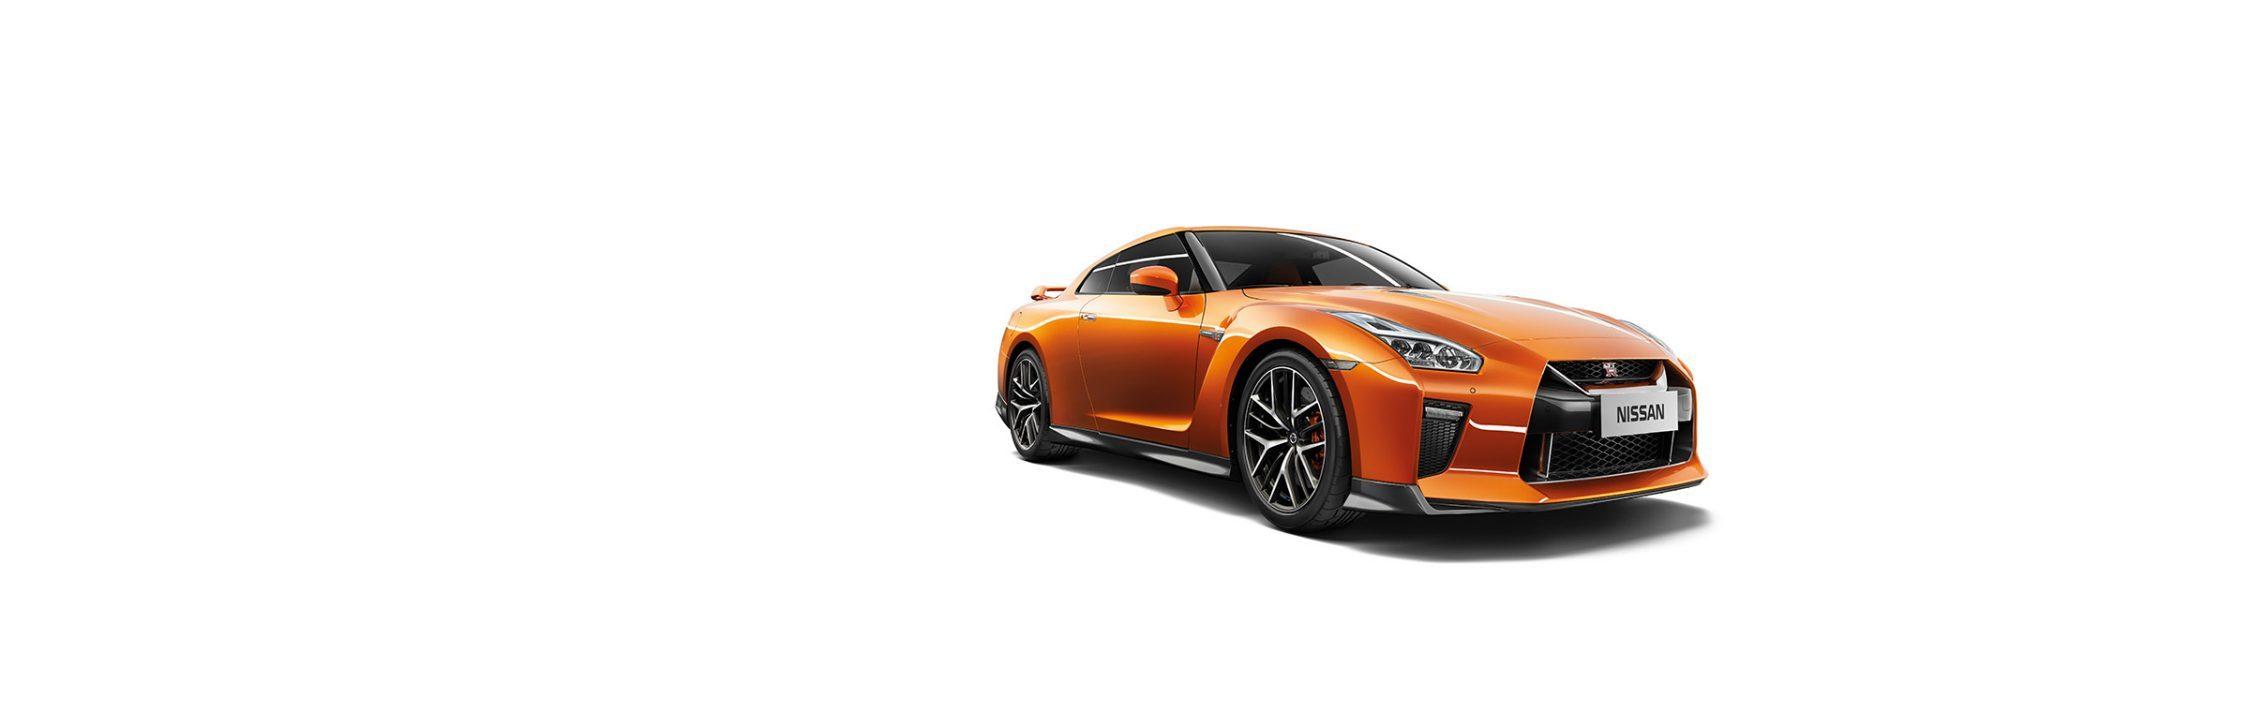 Nissan GT-R – Supercar – Voiture de sport   Nissan 776b4da62320